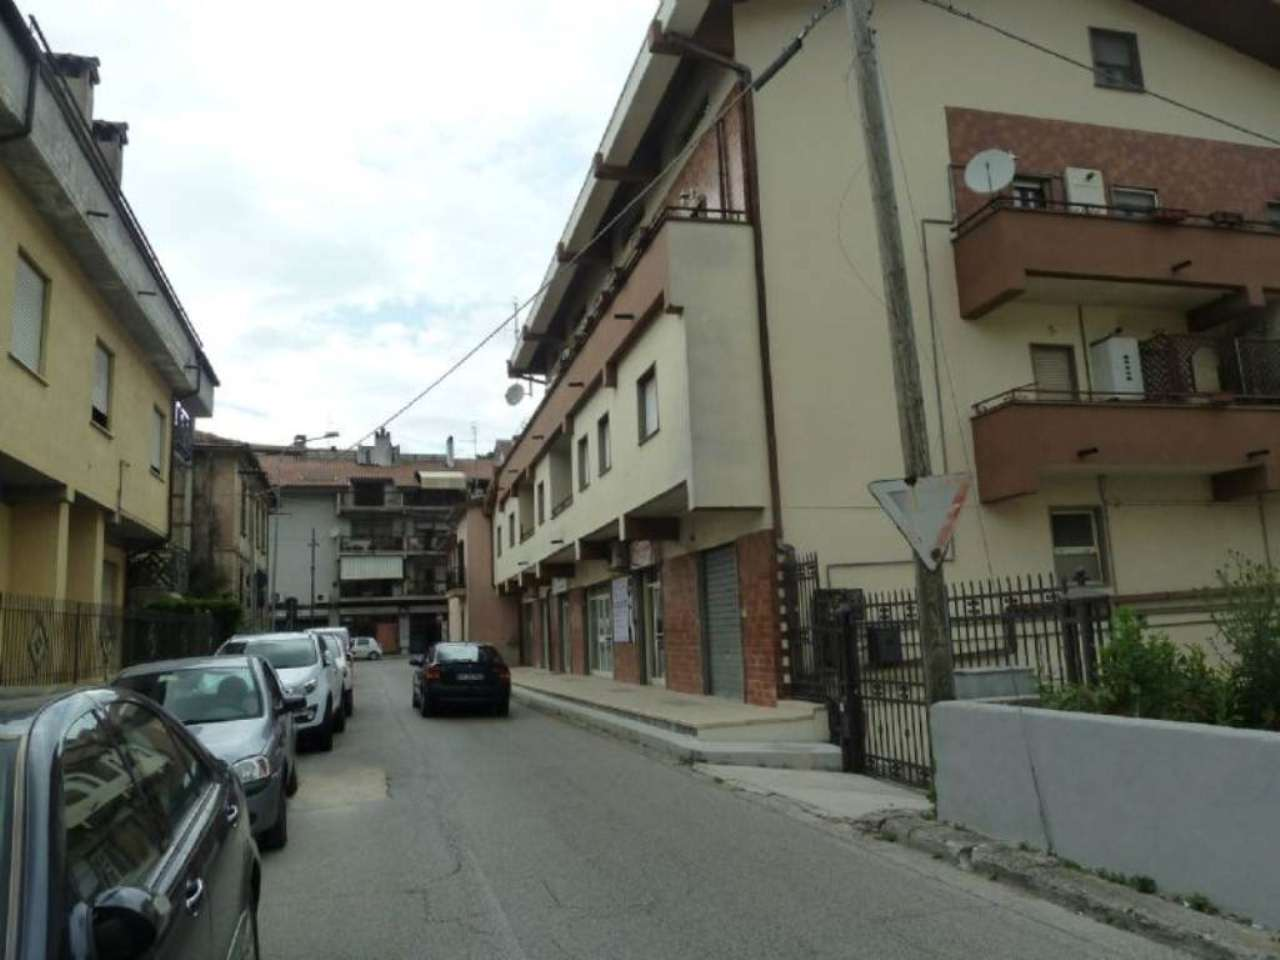 Negozio / Locale in vendita a Carsoli, 2 locali, prezzo € 65.000 | Cambio Casa.it